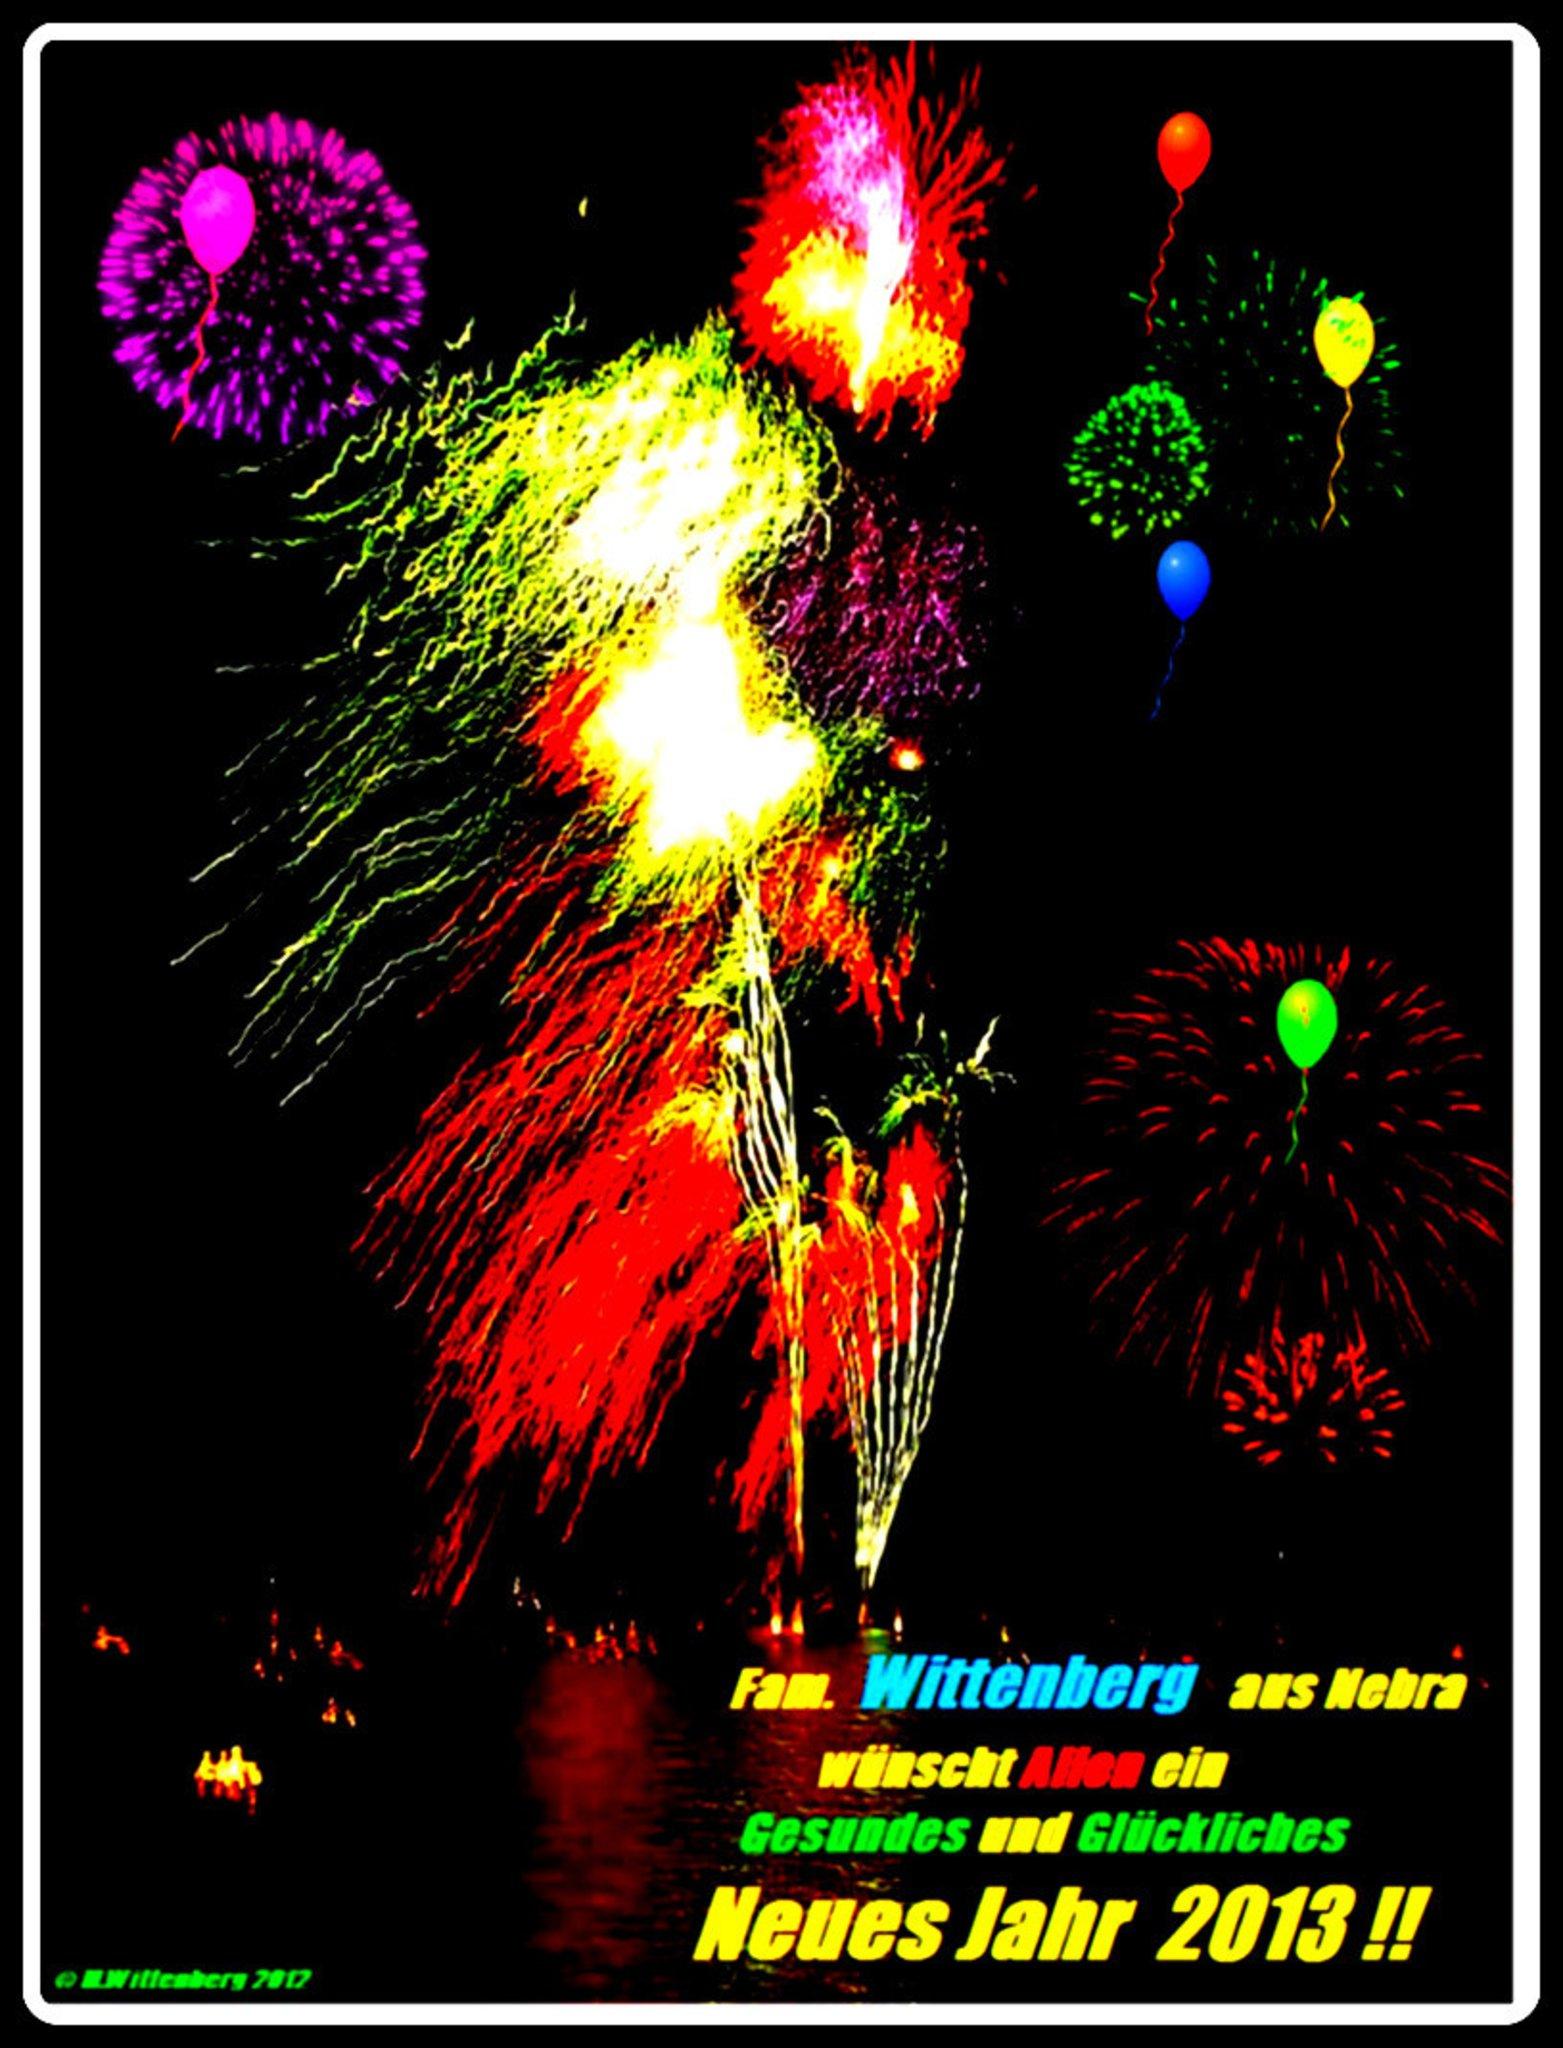 Ein Gesundes und Glückliches Neues Jahr 2013 - wünscht Fam. Wittenberg !